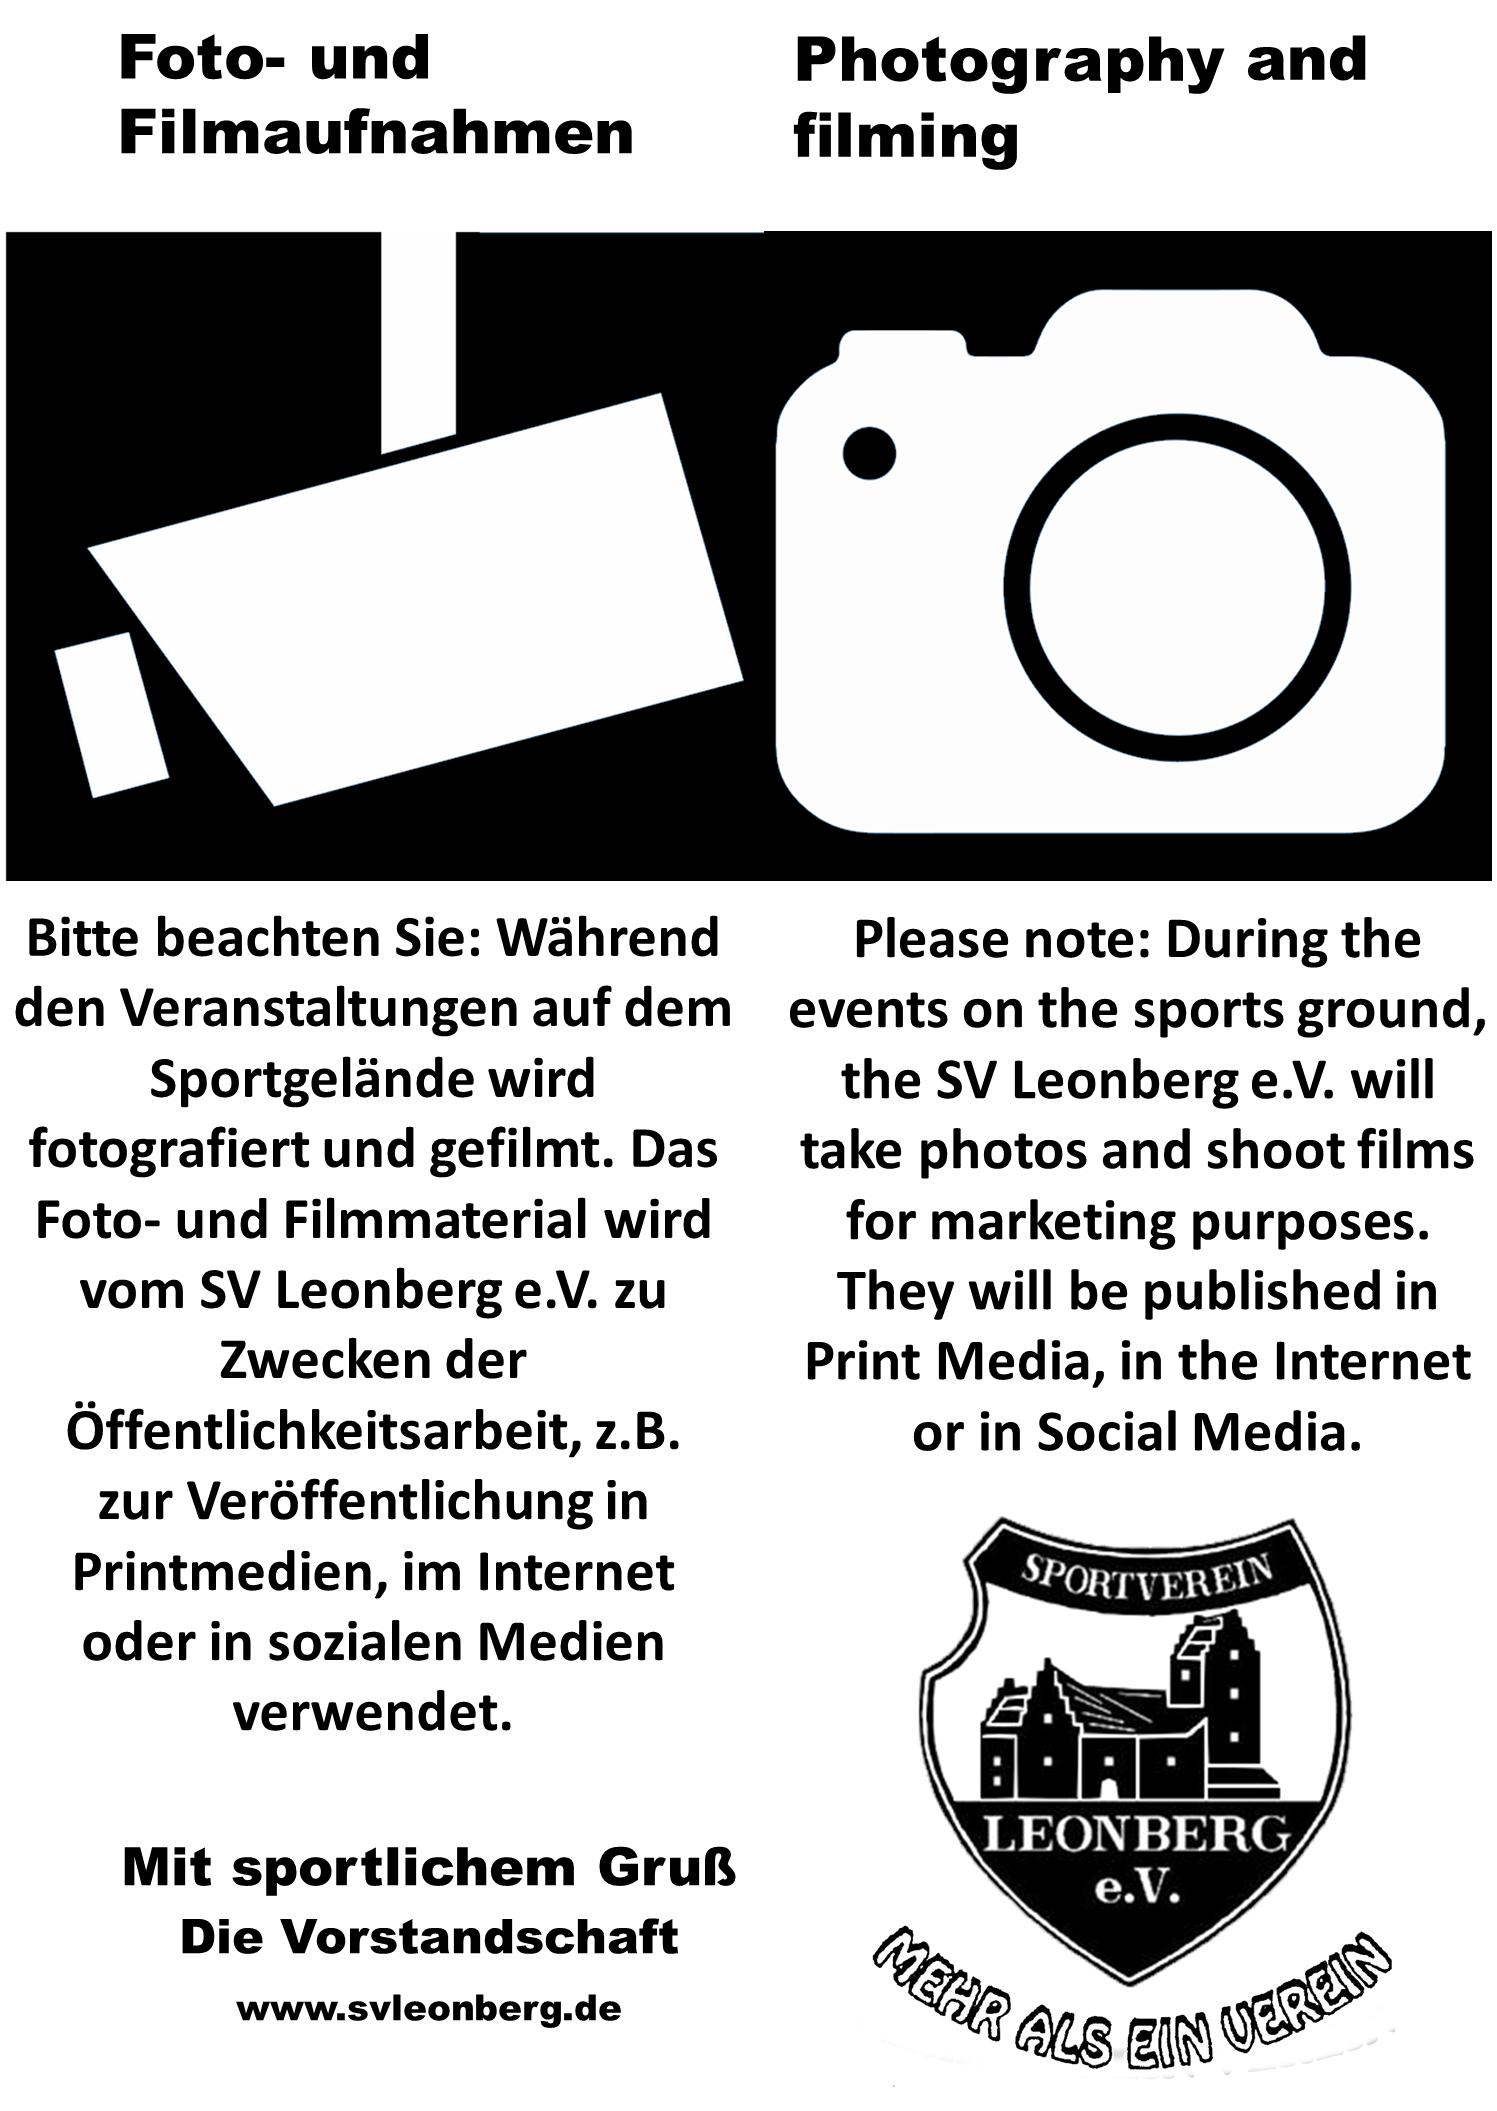 Film-Foto-Hinweis